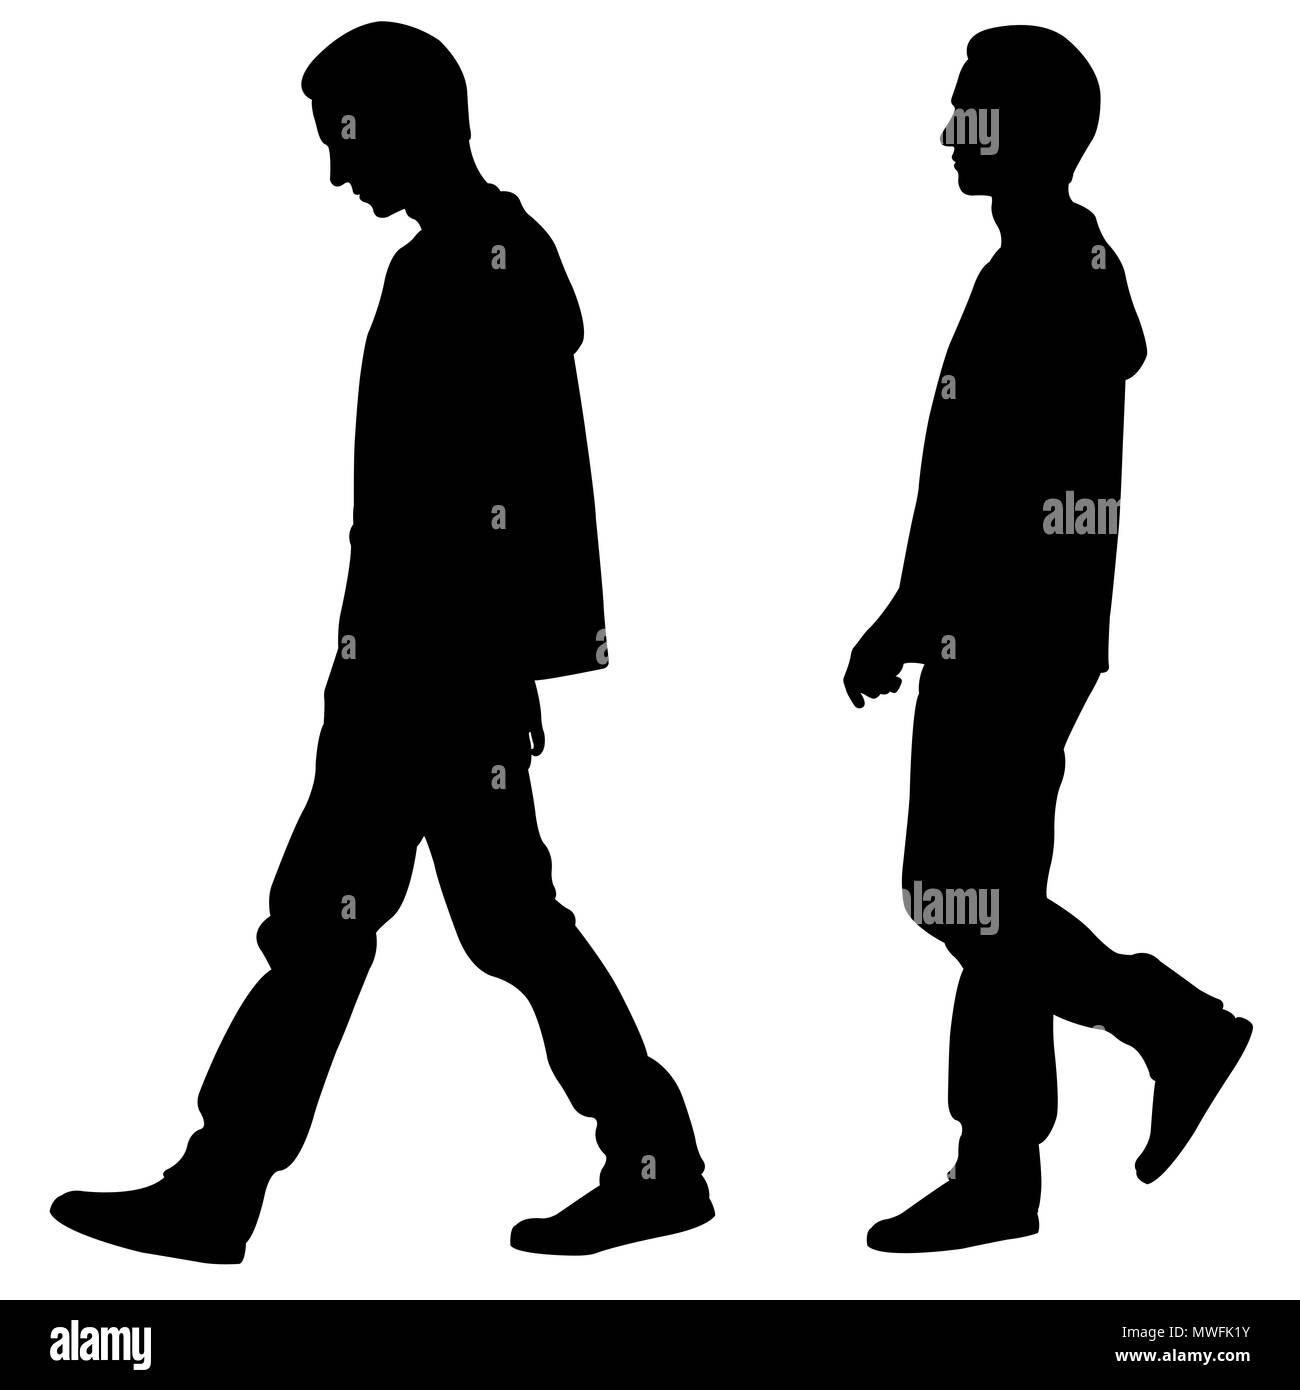 Immagini Sagome Persone.Sagome Di Persone Che Camminano Isolato Su Bianco Foto